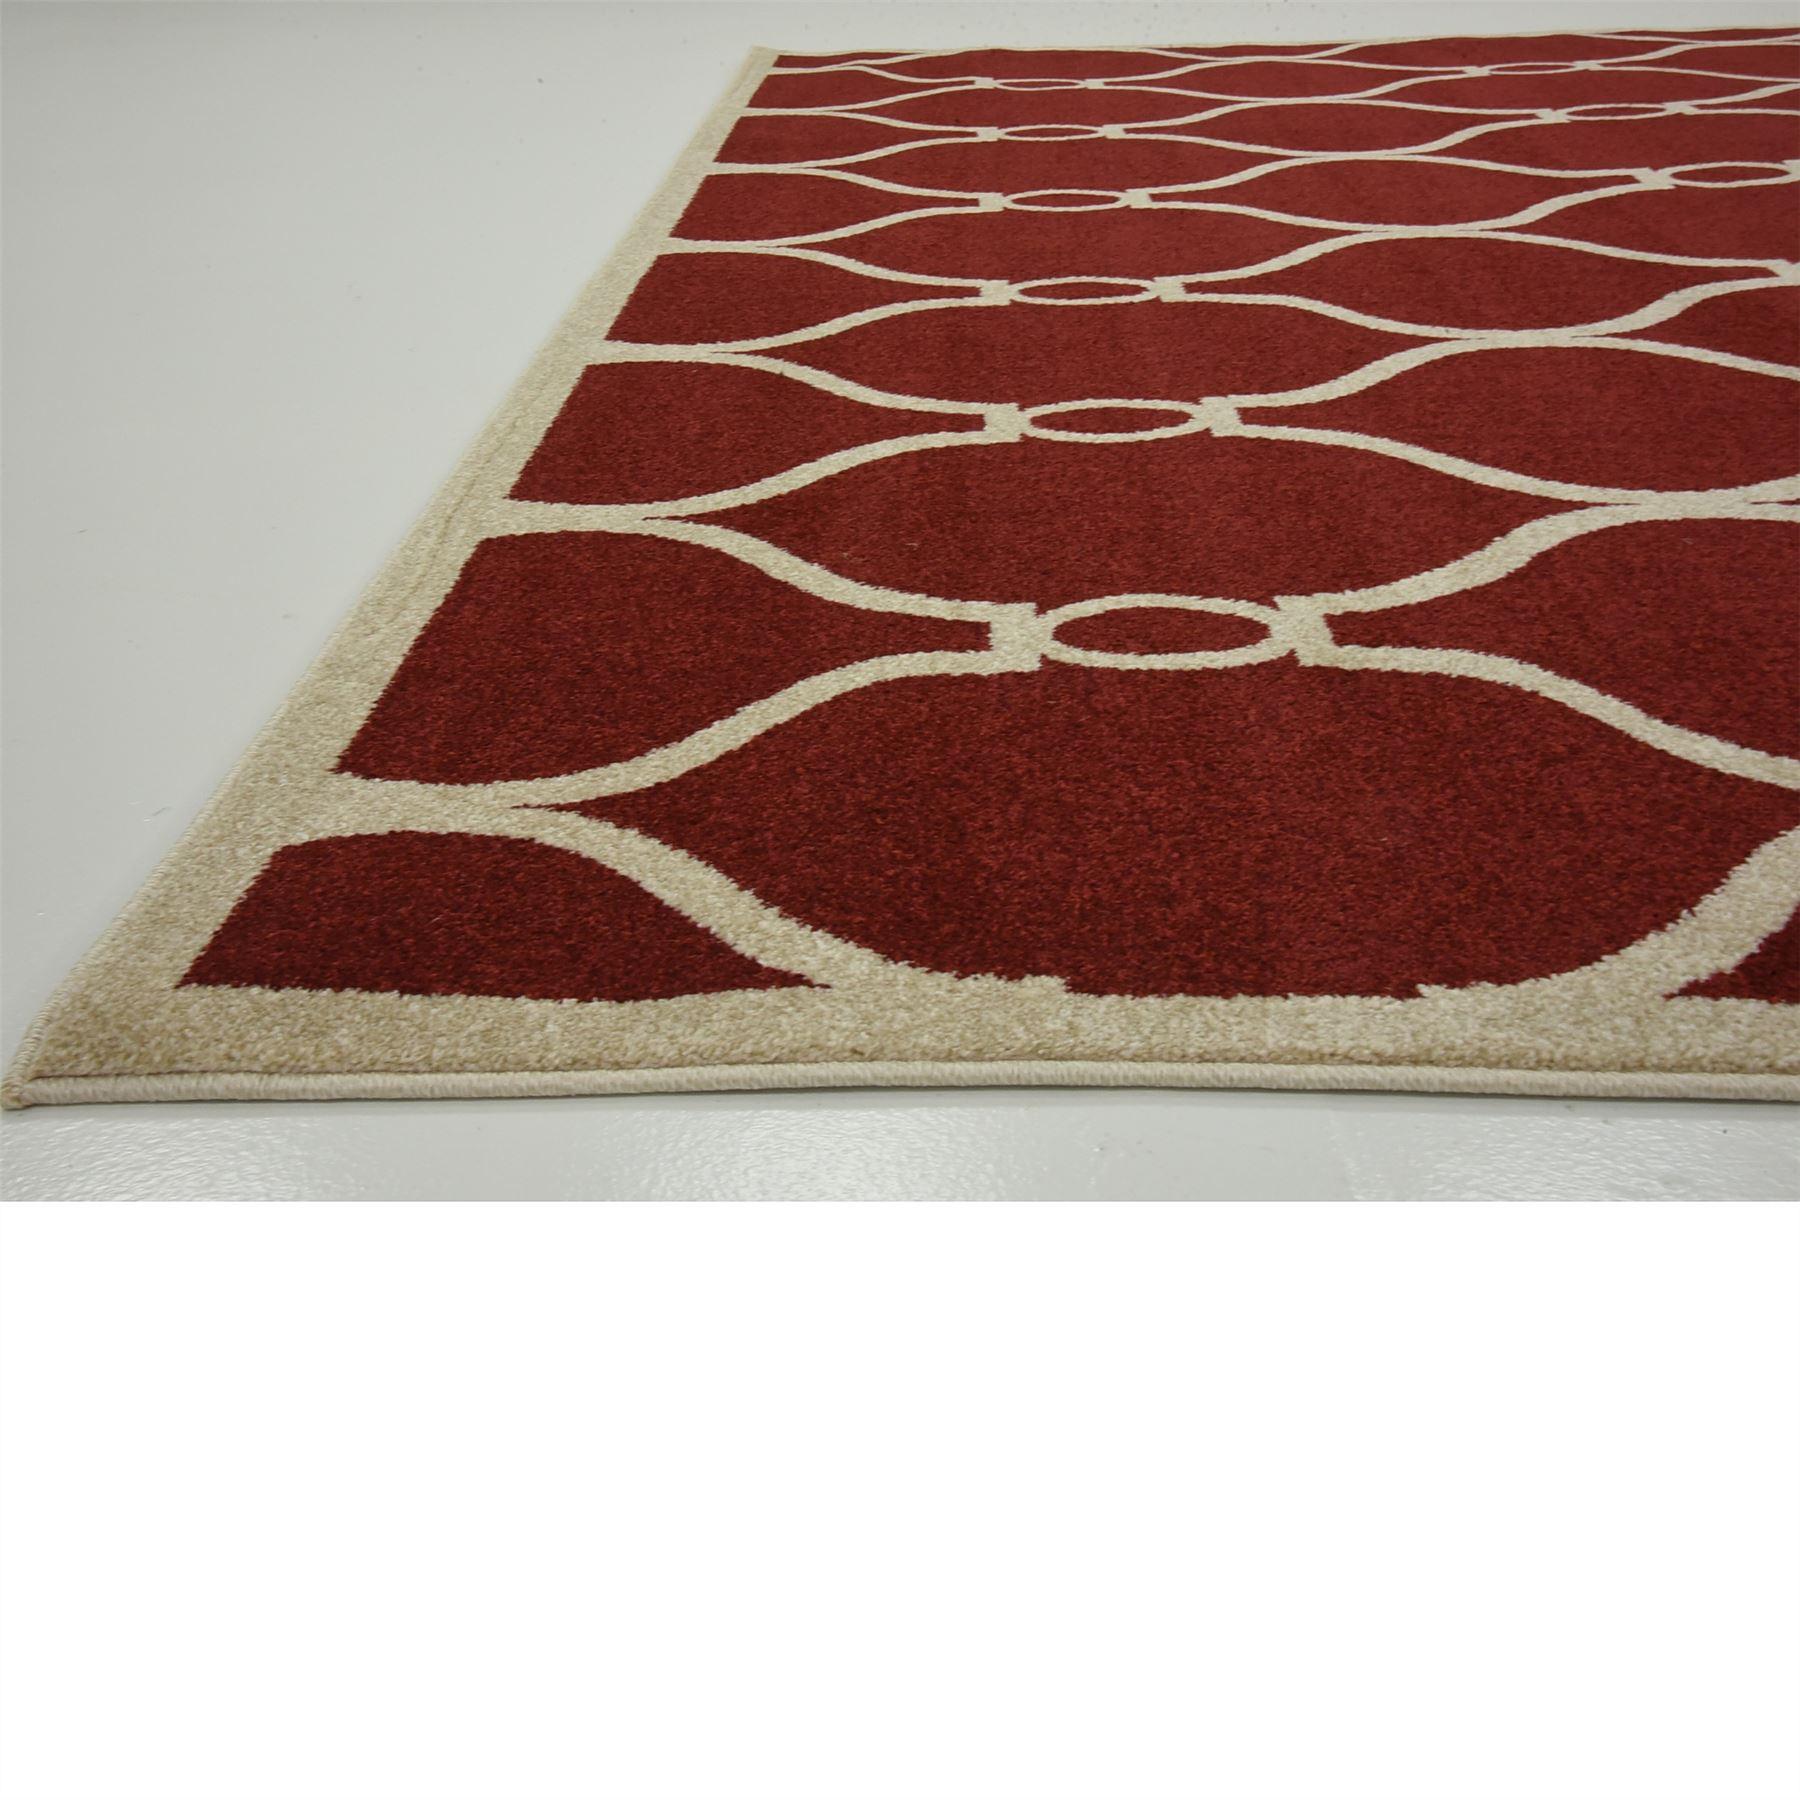 Modern Trellis Moroccan Style Area Rug Contemporary Design